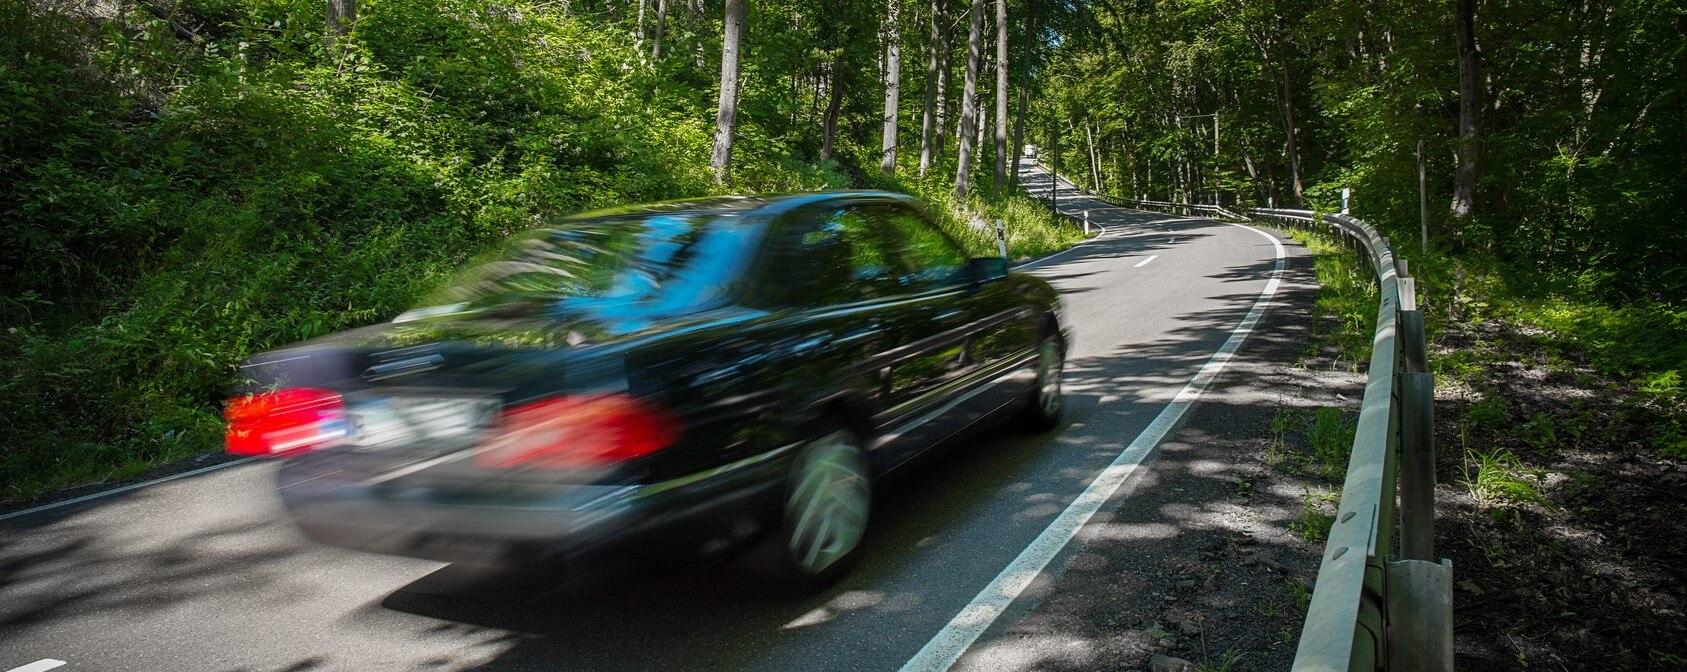 Photographie montrant une voiture en roulant le long d'une route forestière.